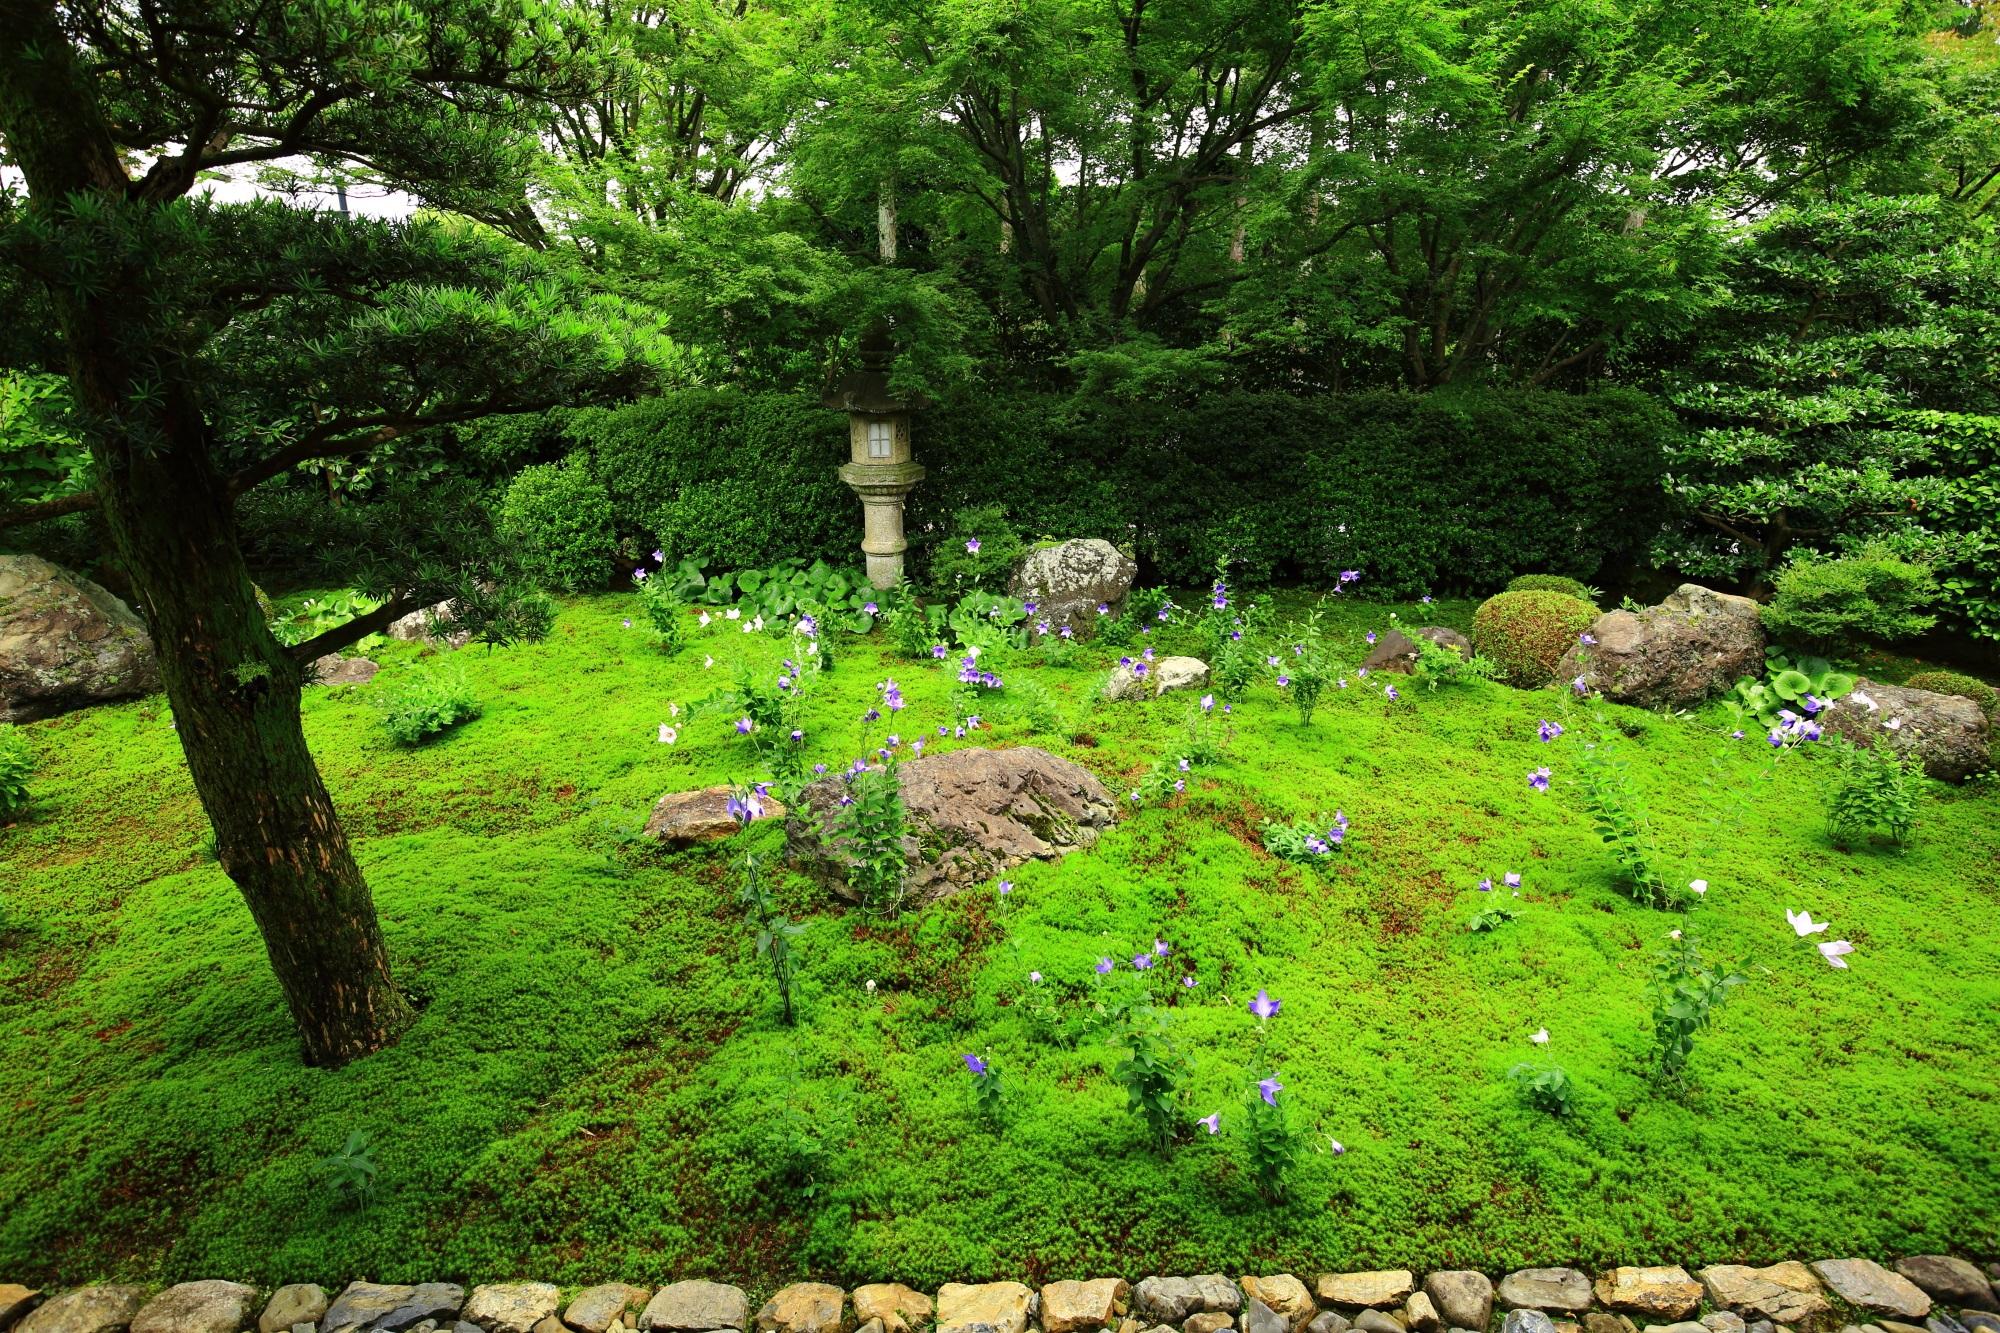 東福寺天得院の素晴らしい桔梗や苔と初夏の情景